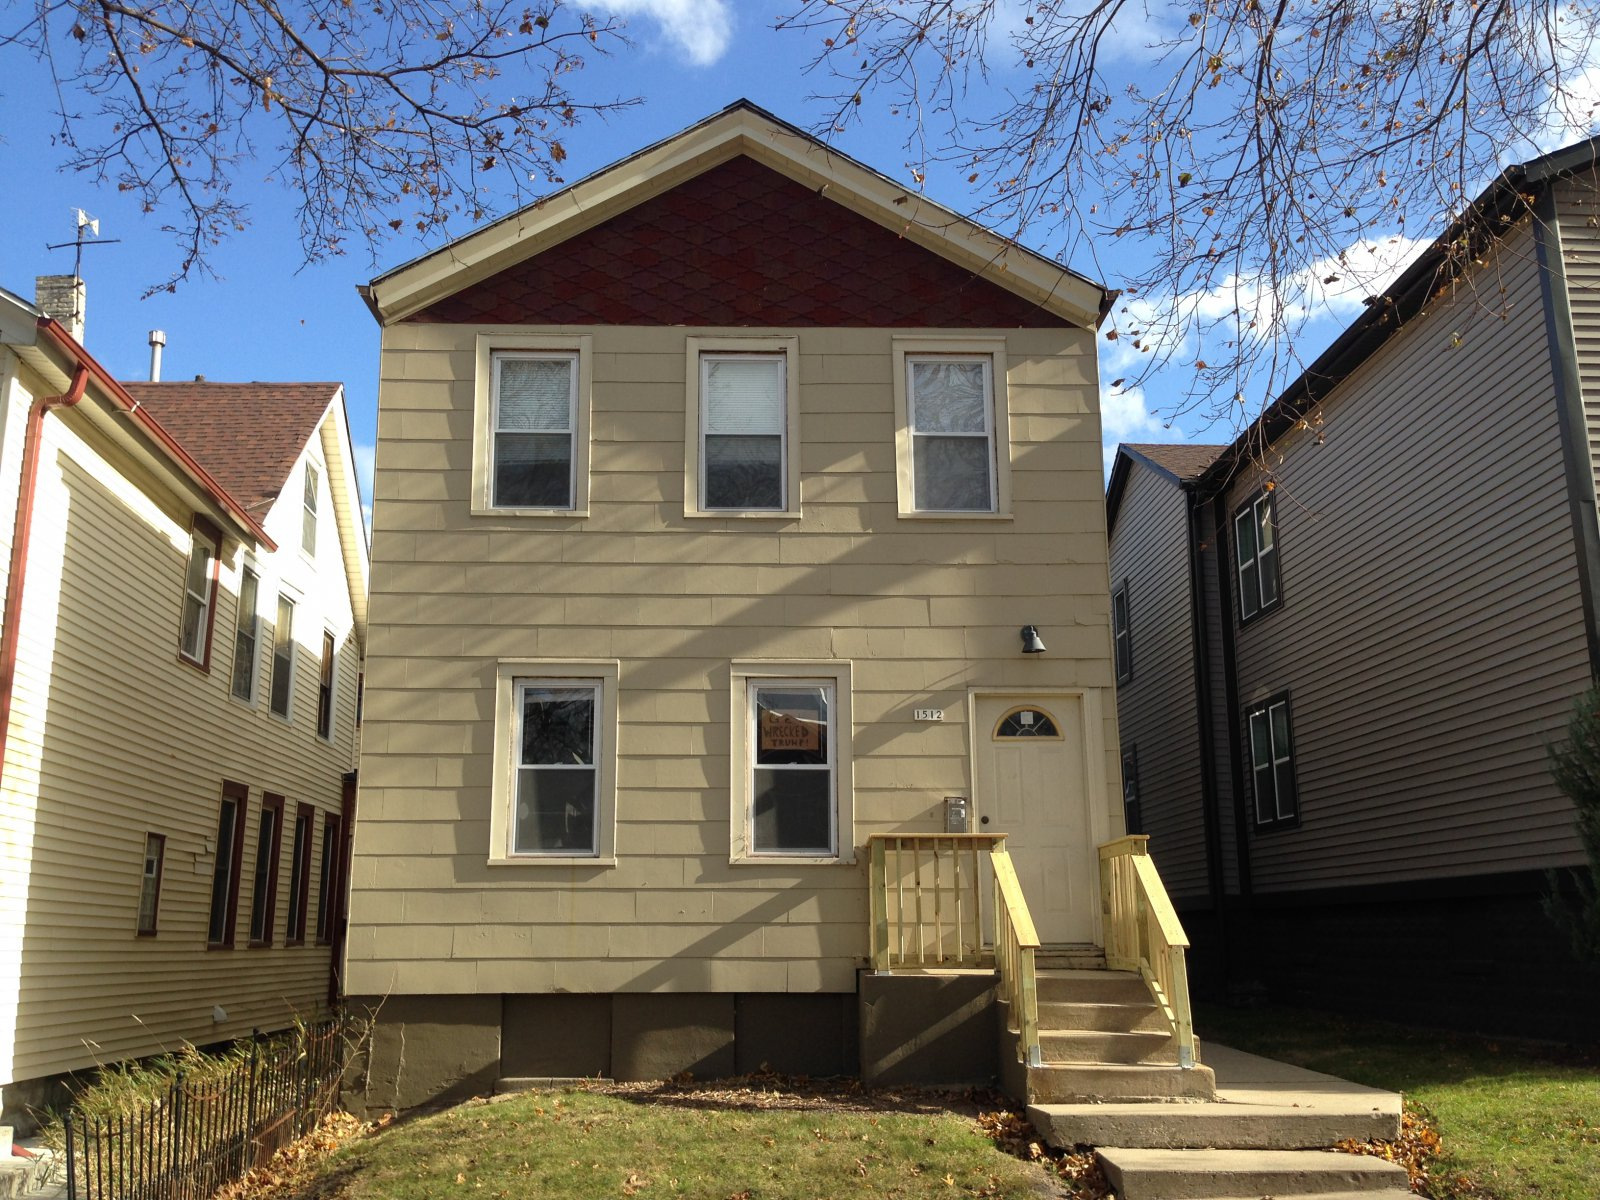 1512 N. Jefferson St.